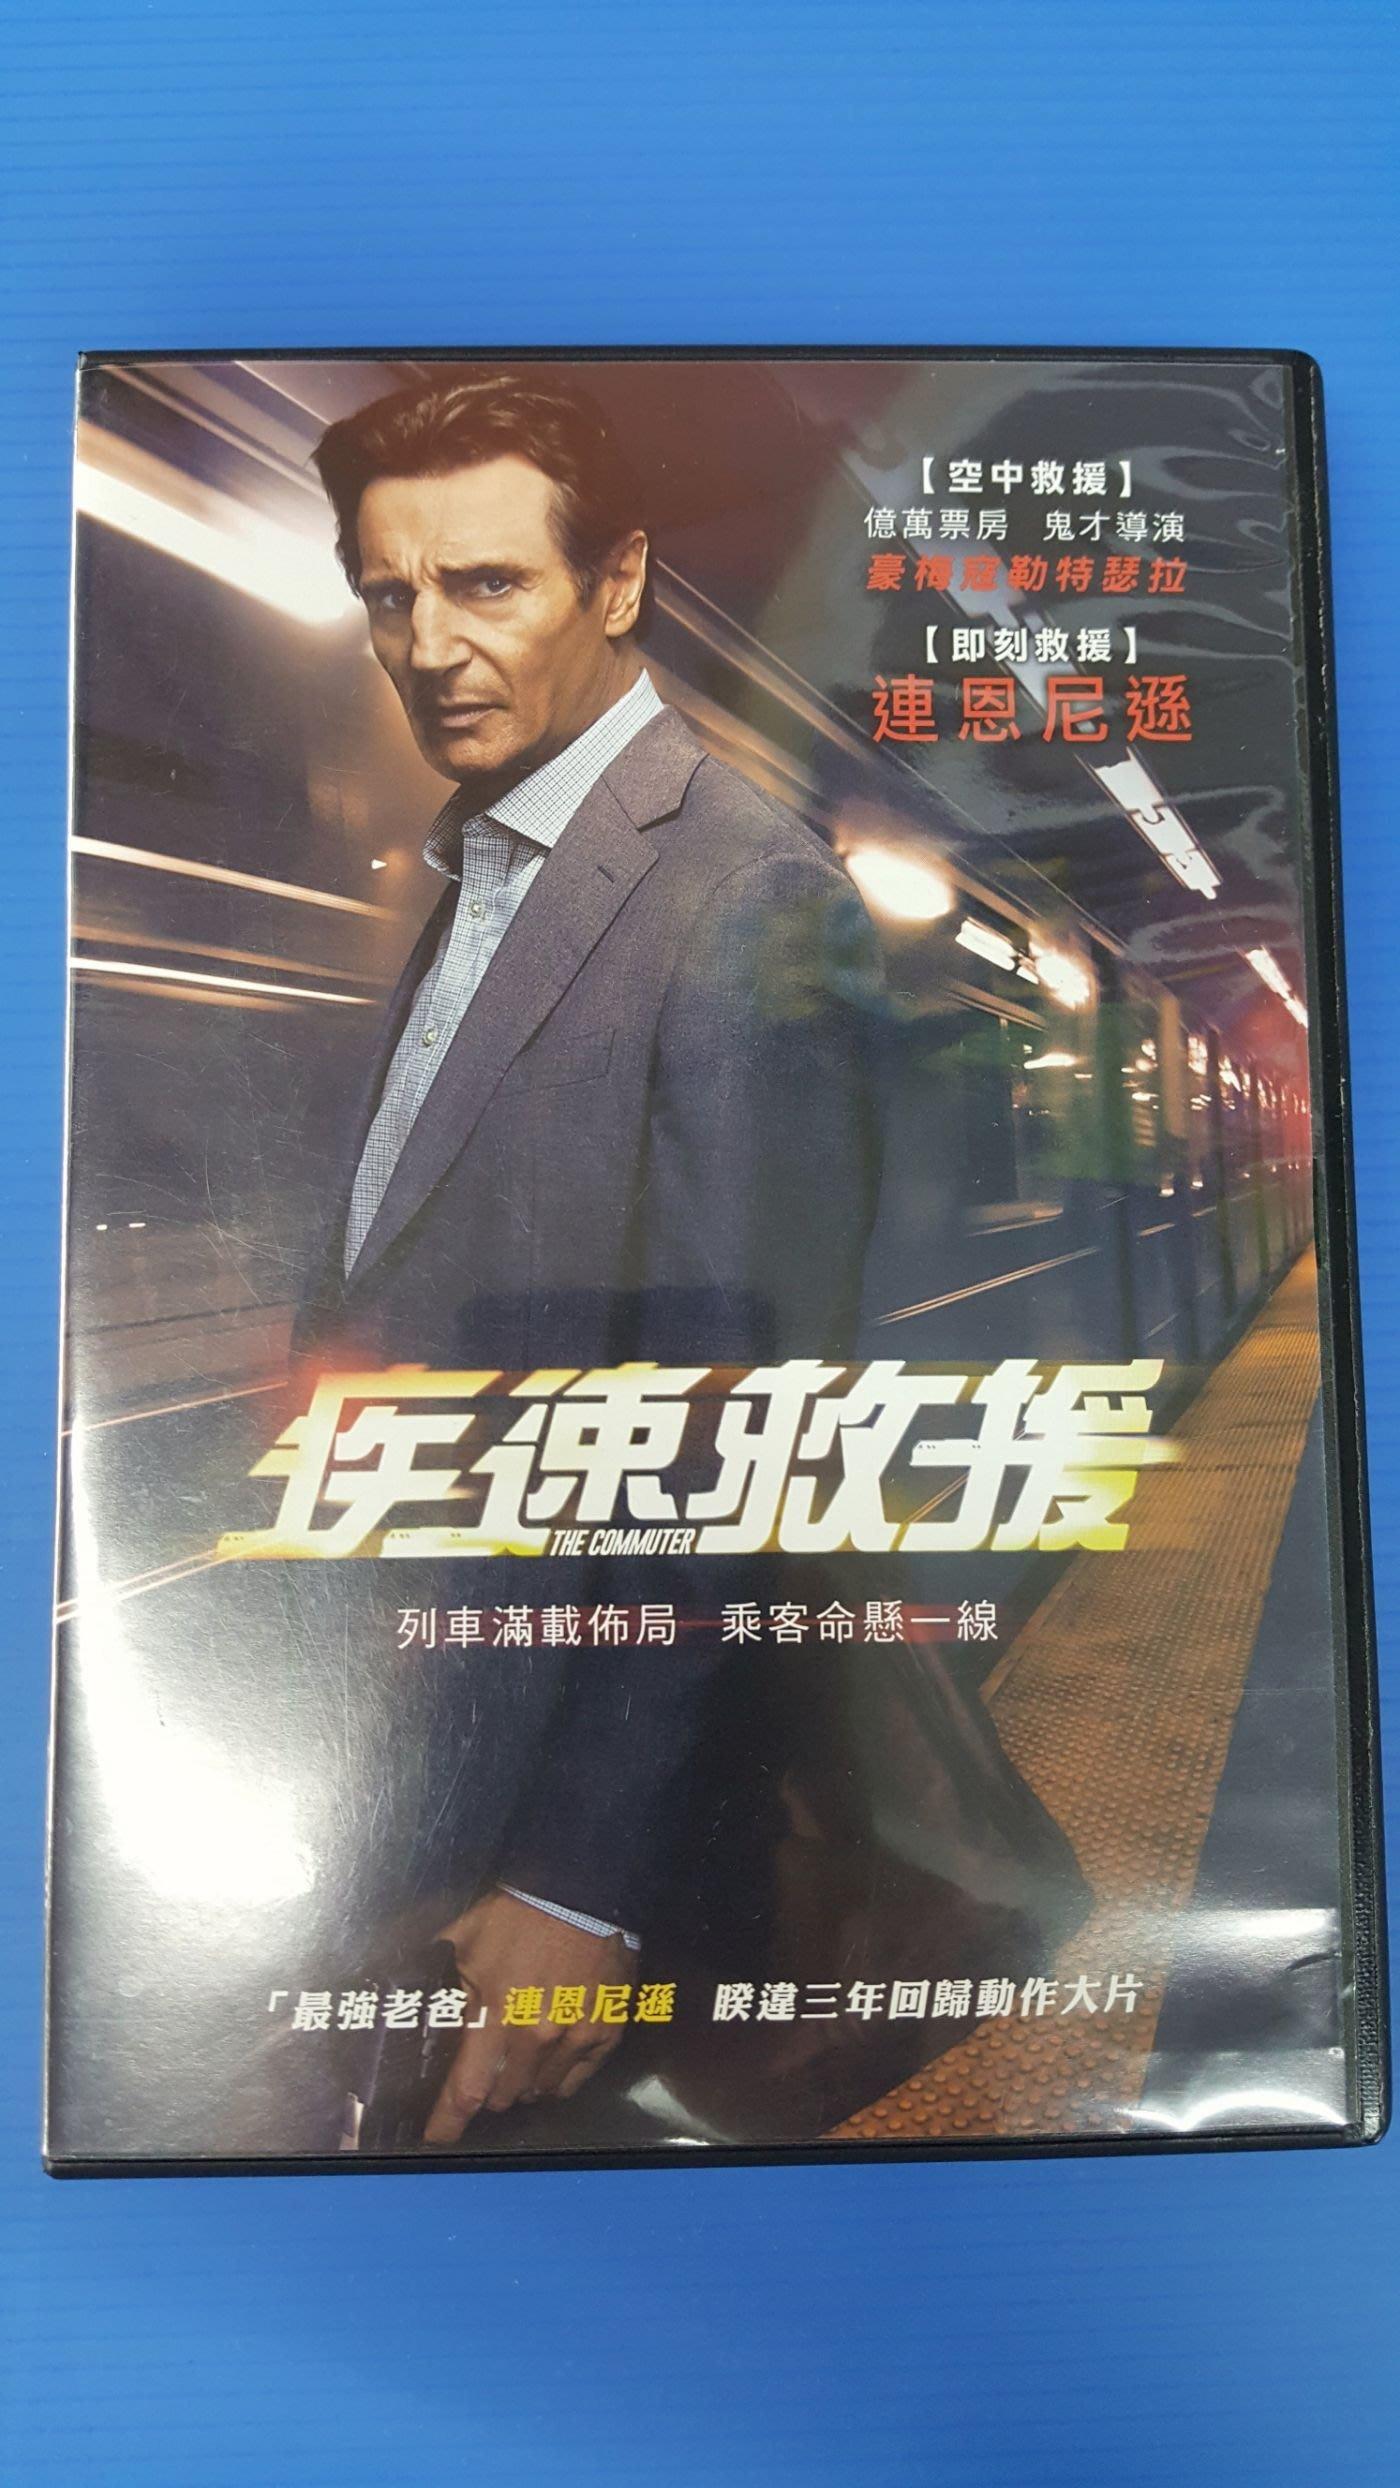 二手DVD專賣店【疾速救援】台灣出租正版二手DVD 連恩尼遜 主演